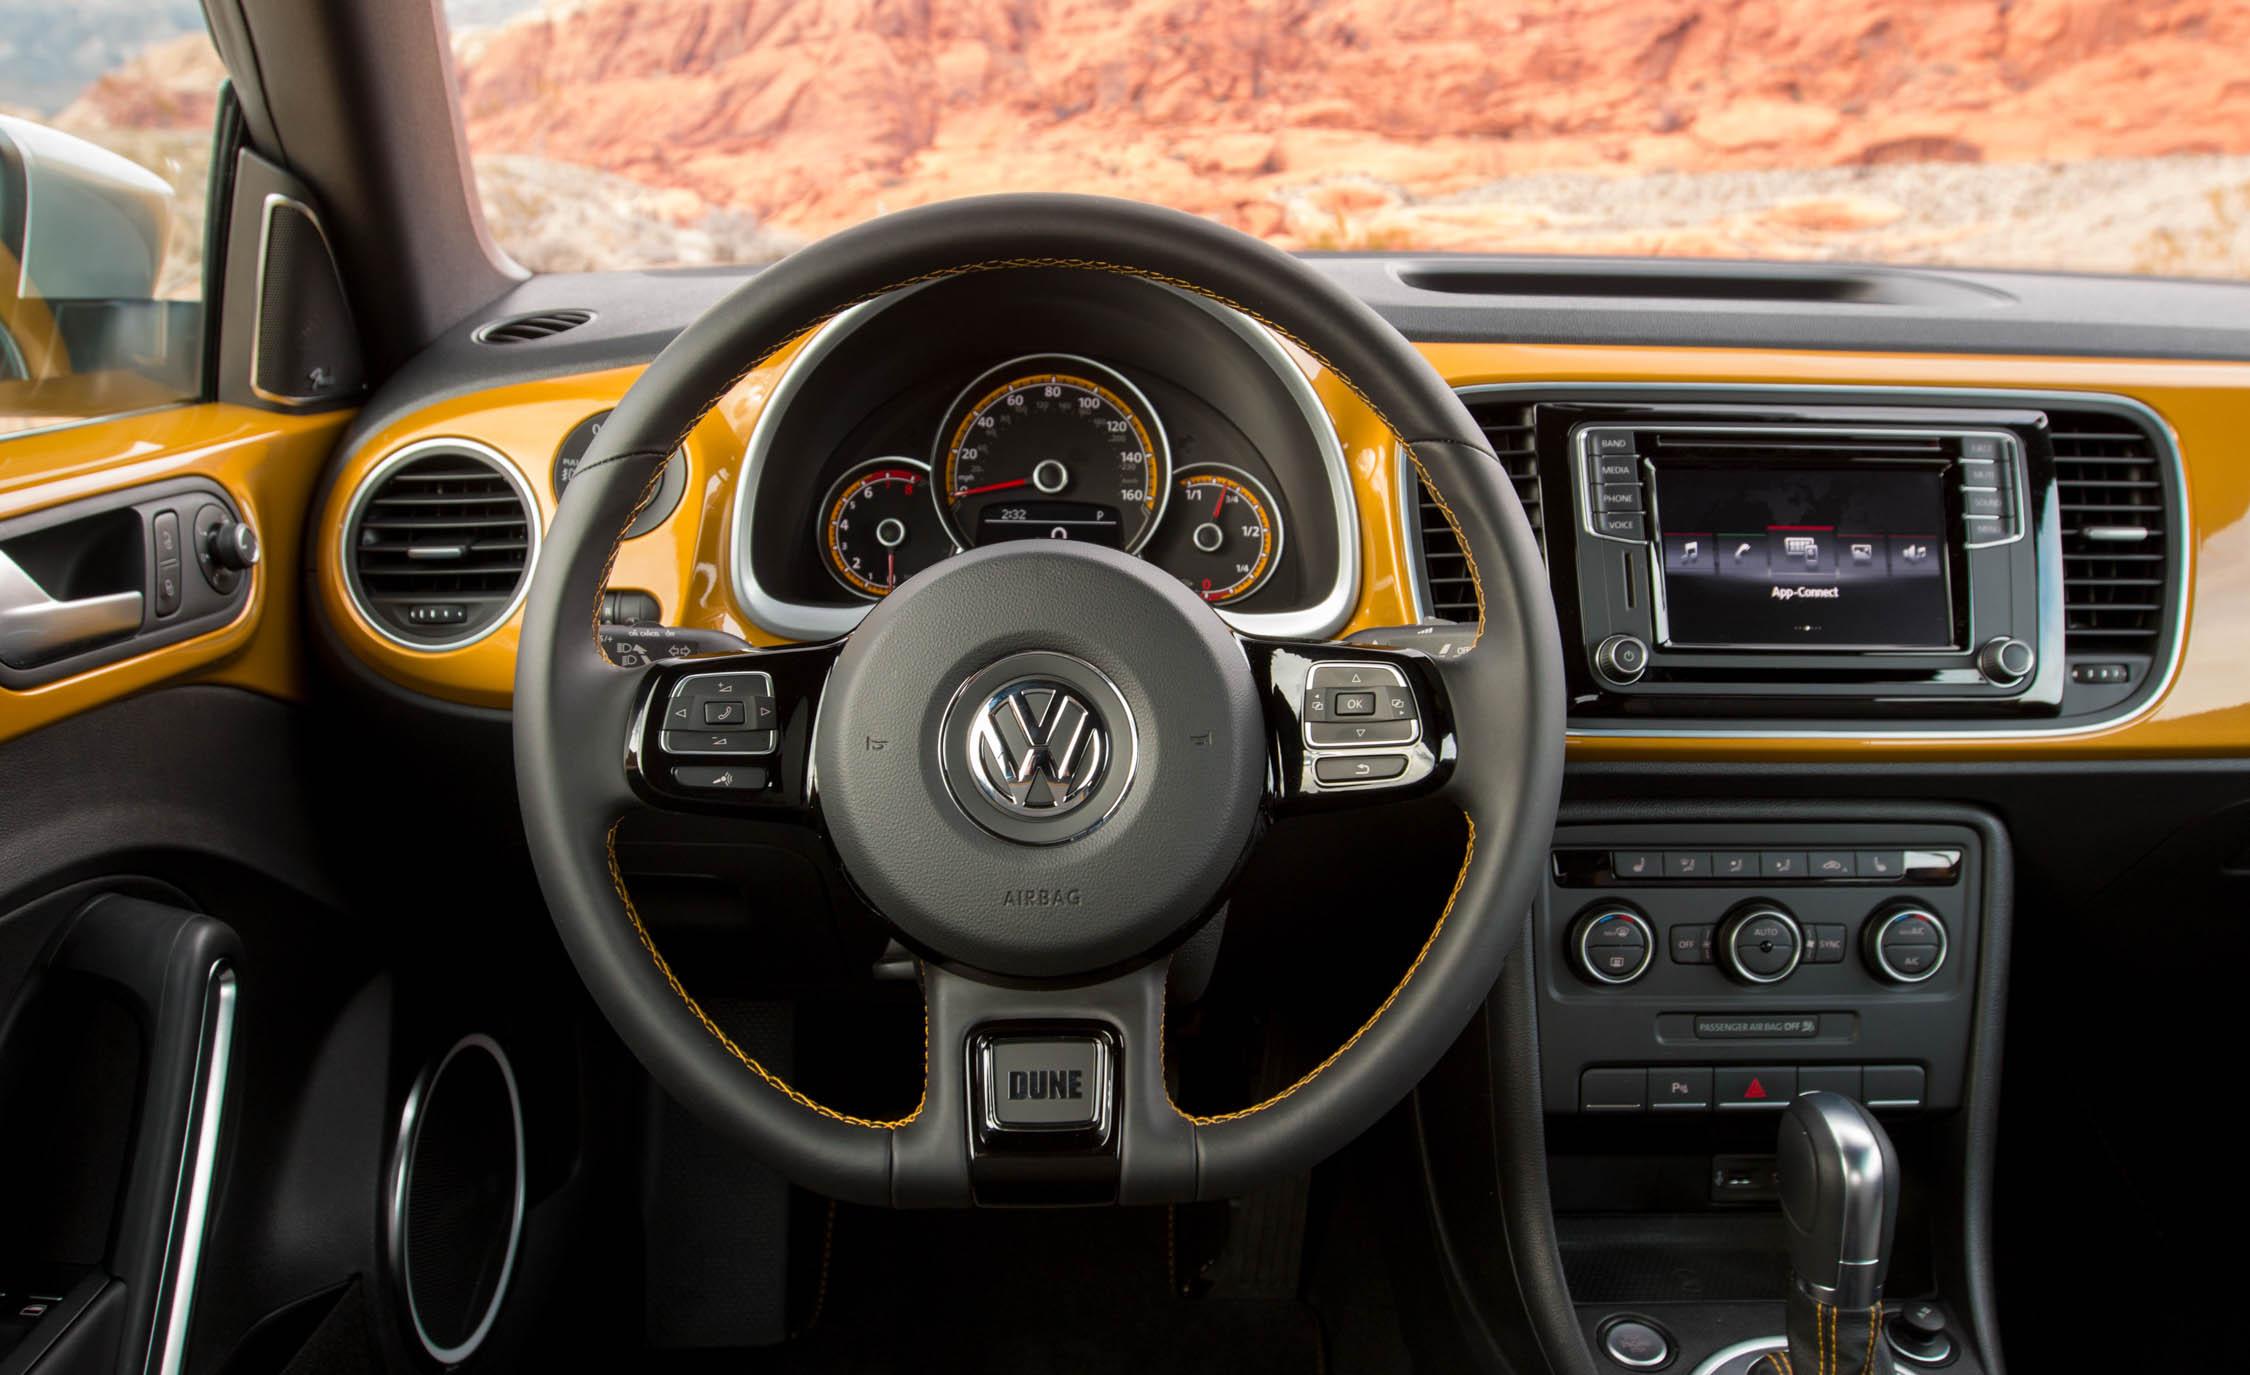 2016 Volkswagen Beetle Dune Interior Steering and Speedometer